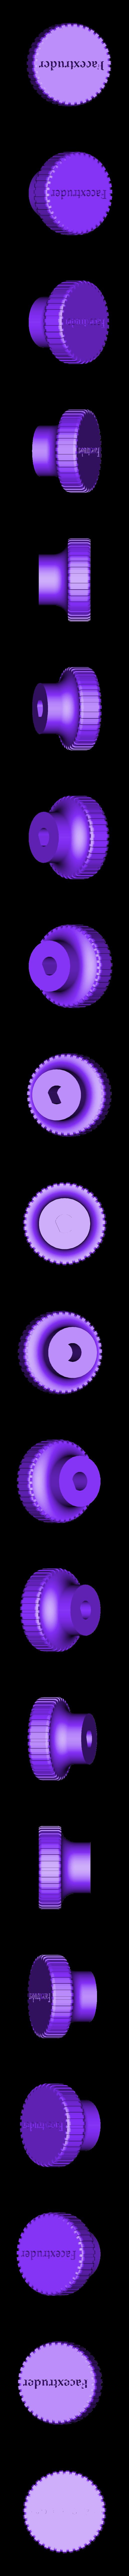 knob superiore.stl Télécharger fichier STL Facextruder • Objet pour imprimante 3D, Print3d86